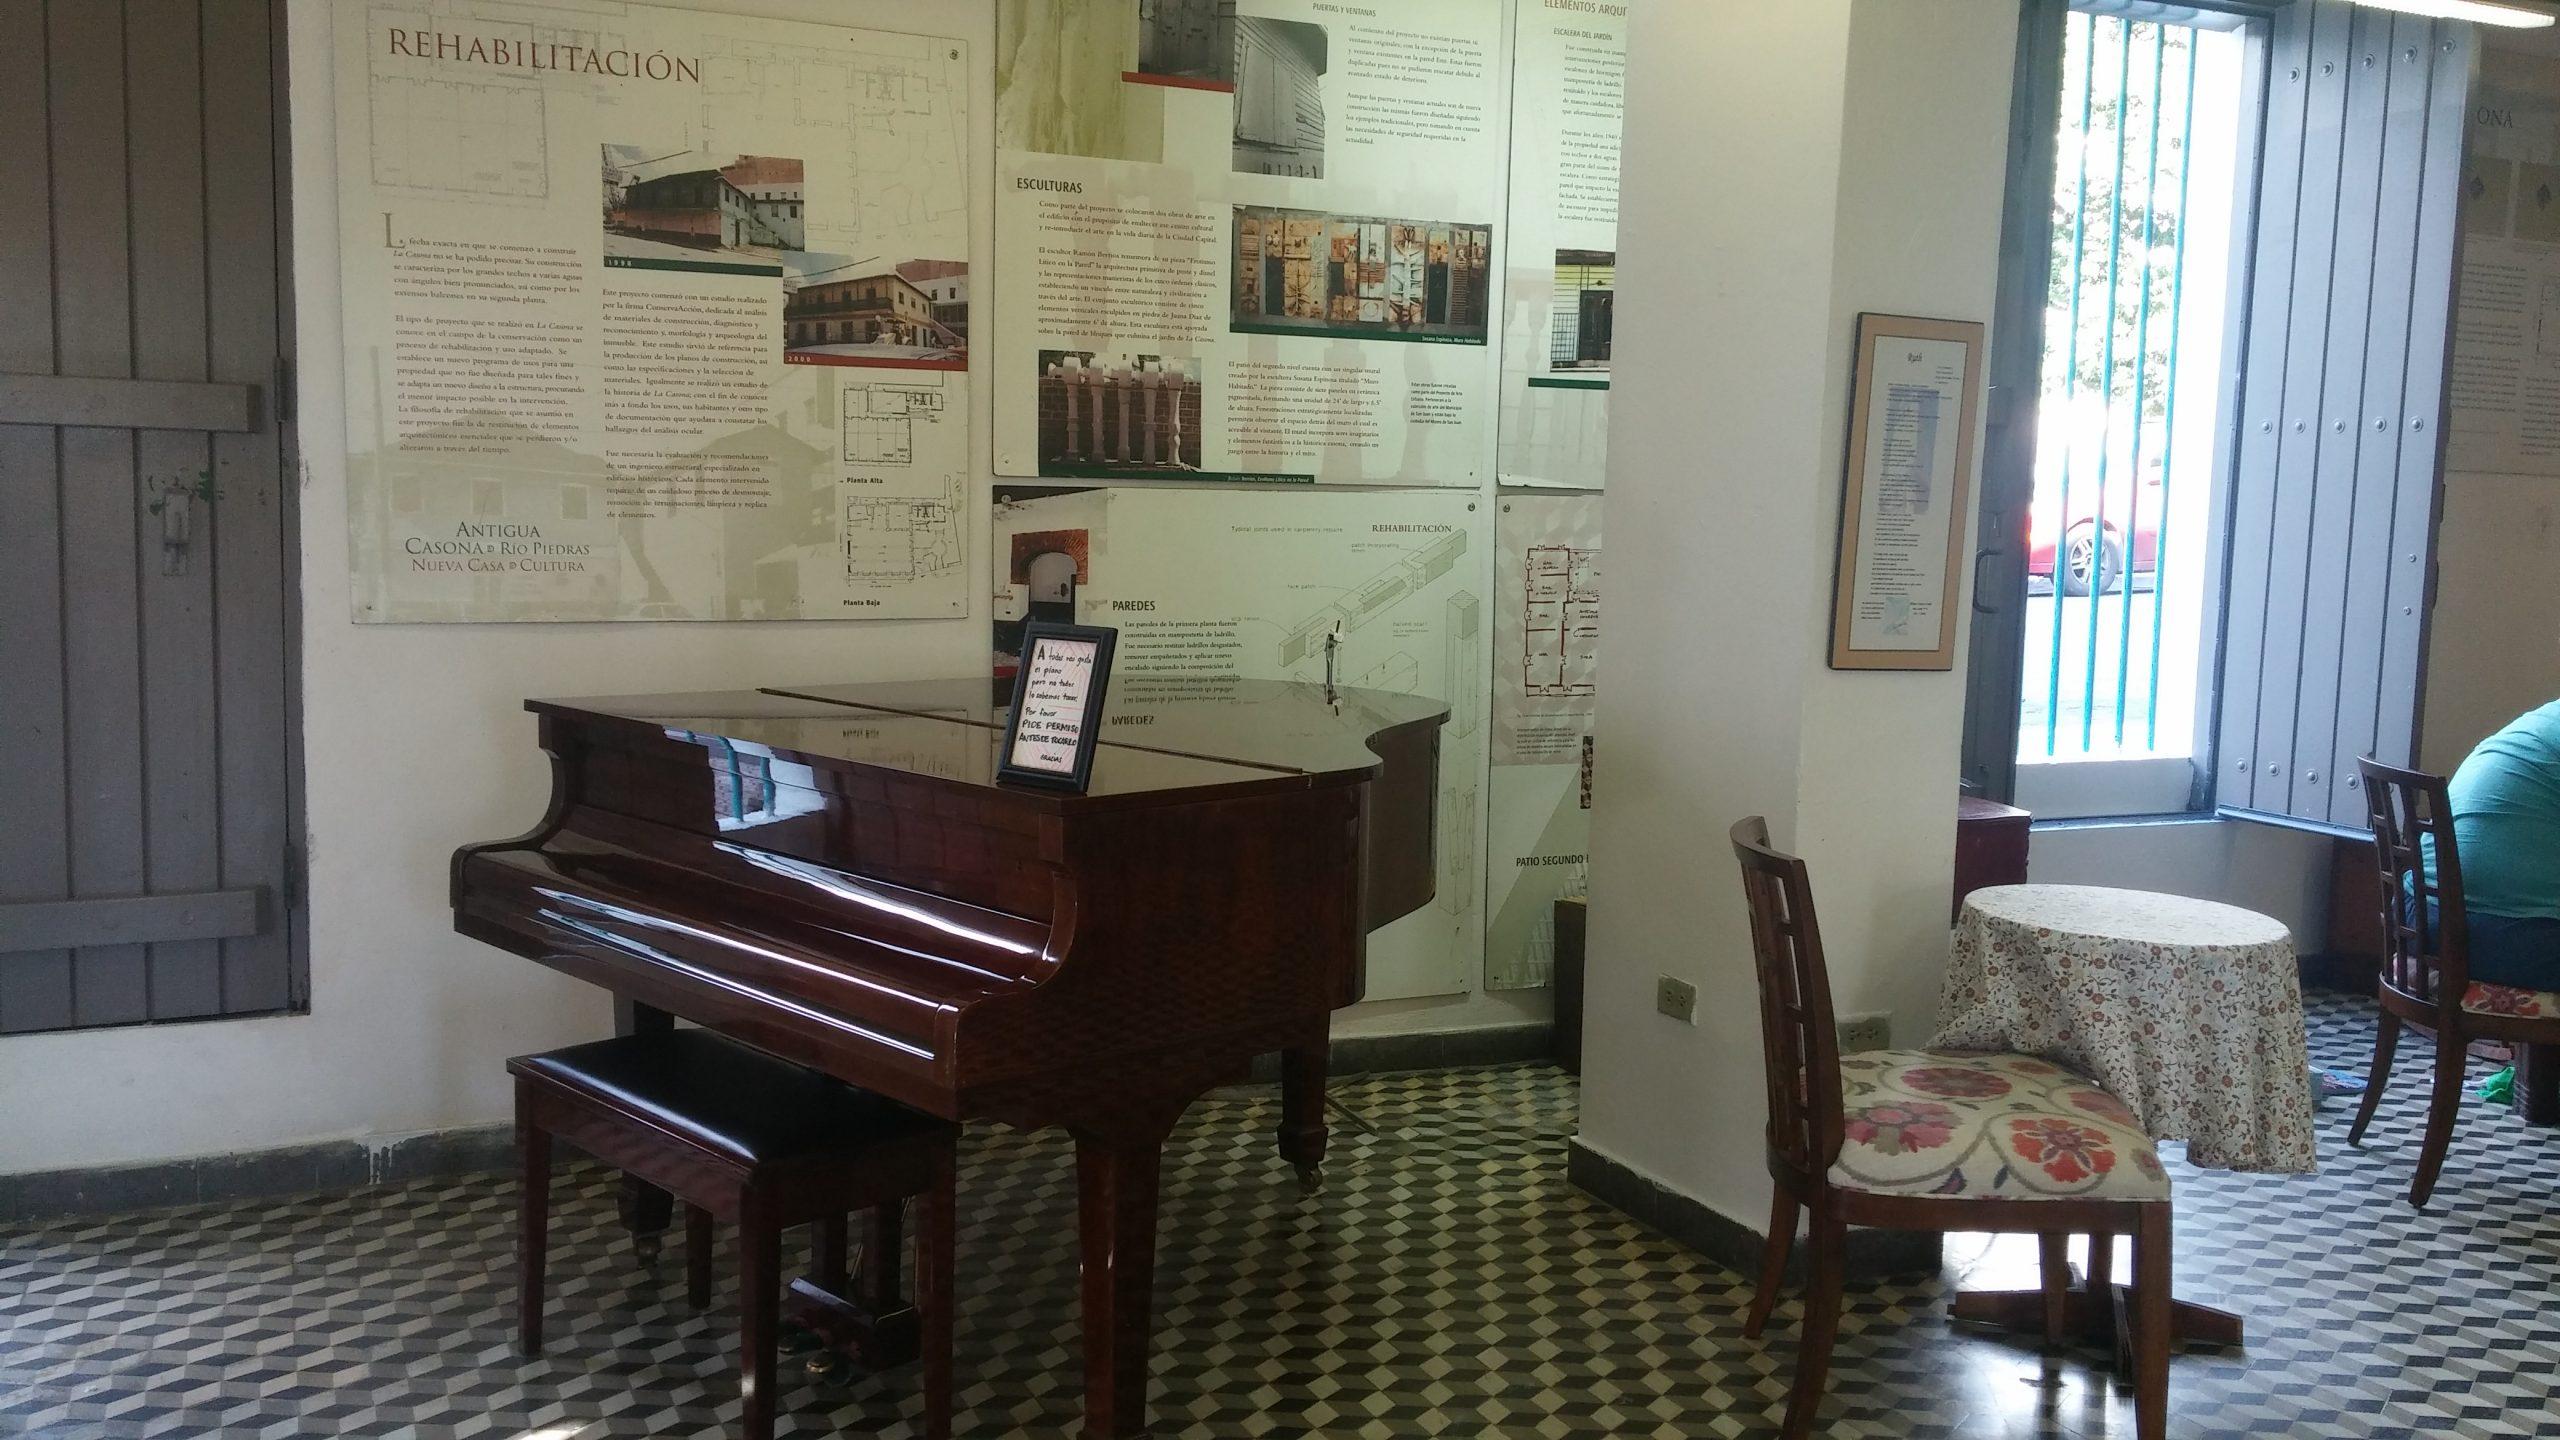 El piano es uno de los atractivos de la Casa Ruth Hernández. (Foto Gabriela Ortiz para Fundación Nacional para la Cultura Popular)